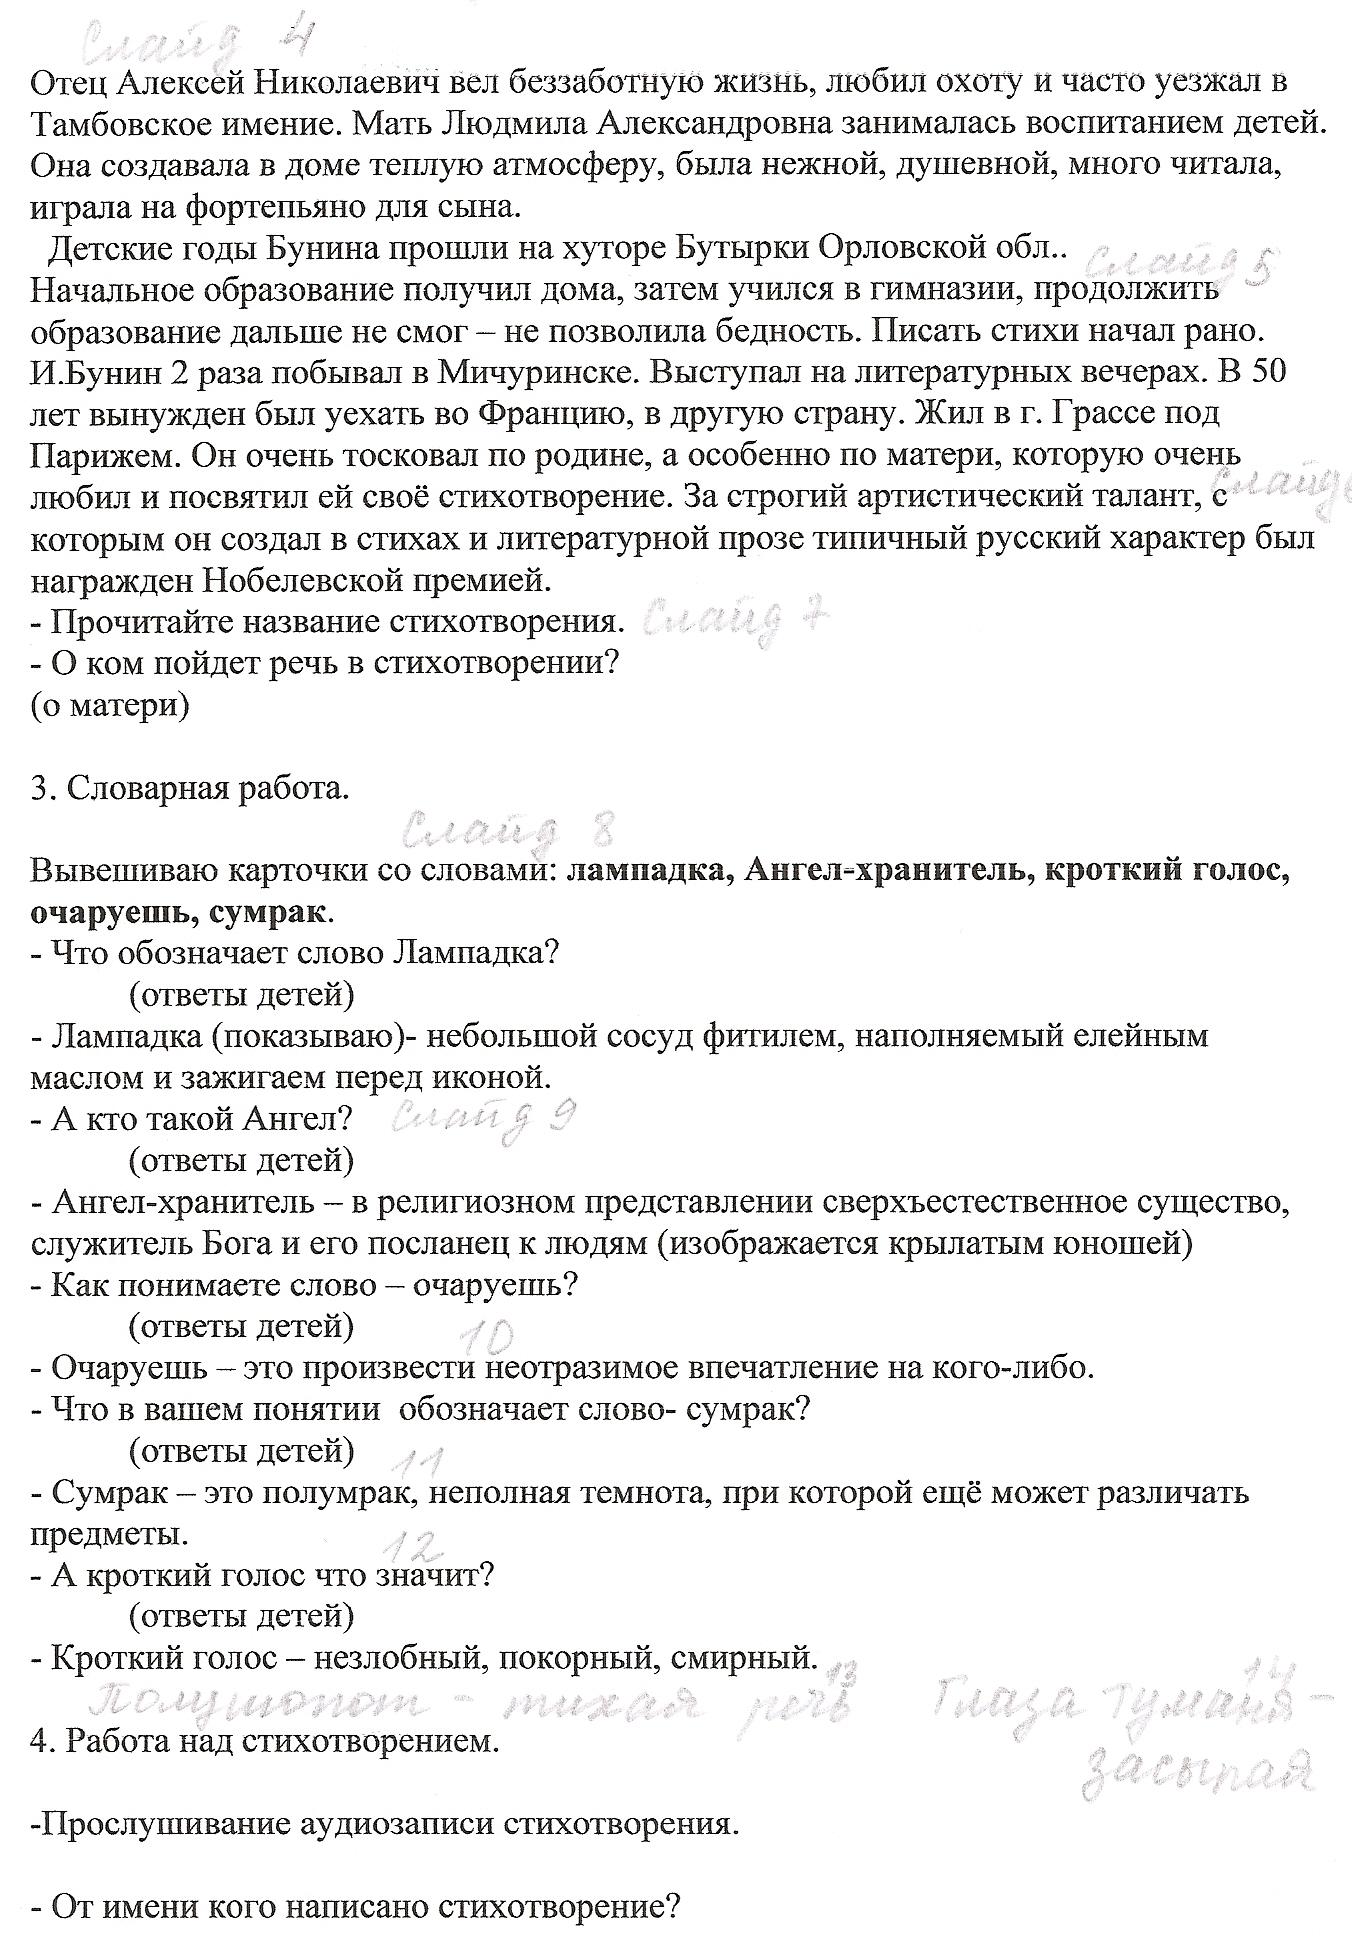 C:\Users\Сергей\Pictures\Мои сканированные изображения\сканирование0044.jpg